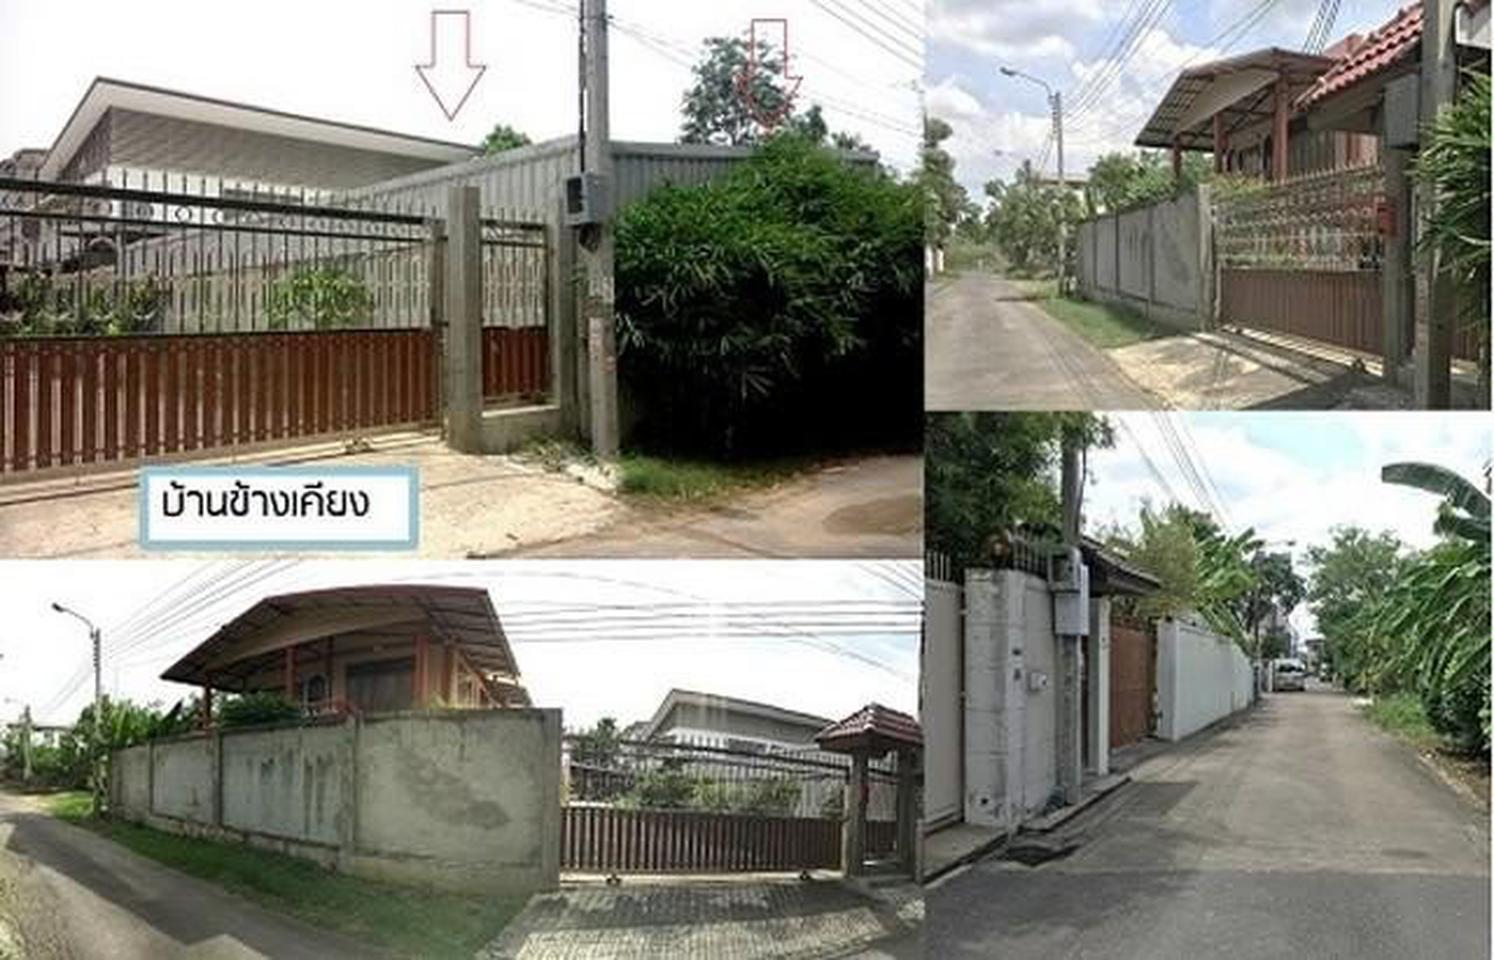 PS01 ขายที่ดิน พร้อมสิ่งปลูกสร้าง  200ตารางวา ถนน ลาดพร้าว นาคนิวาส รูปที่ 4